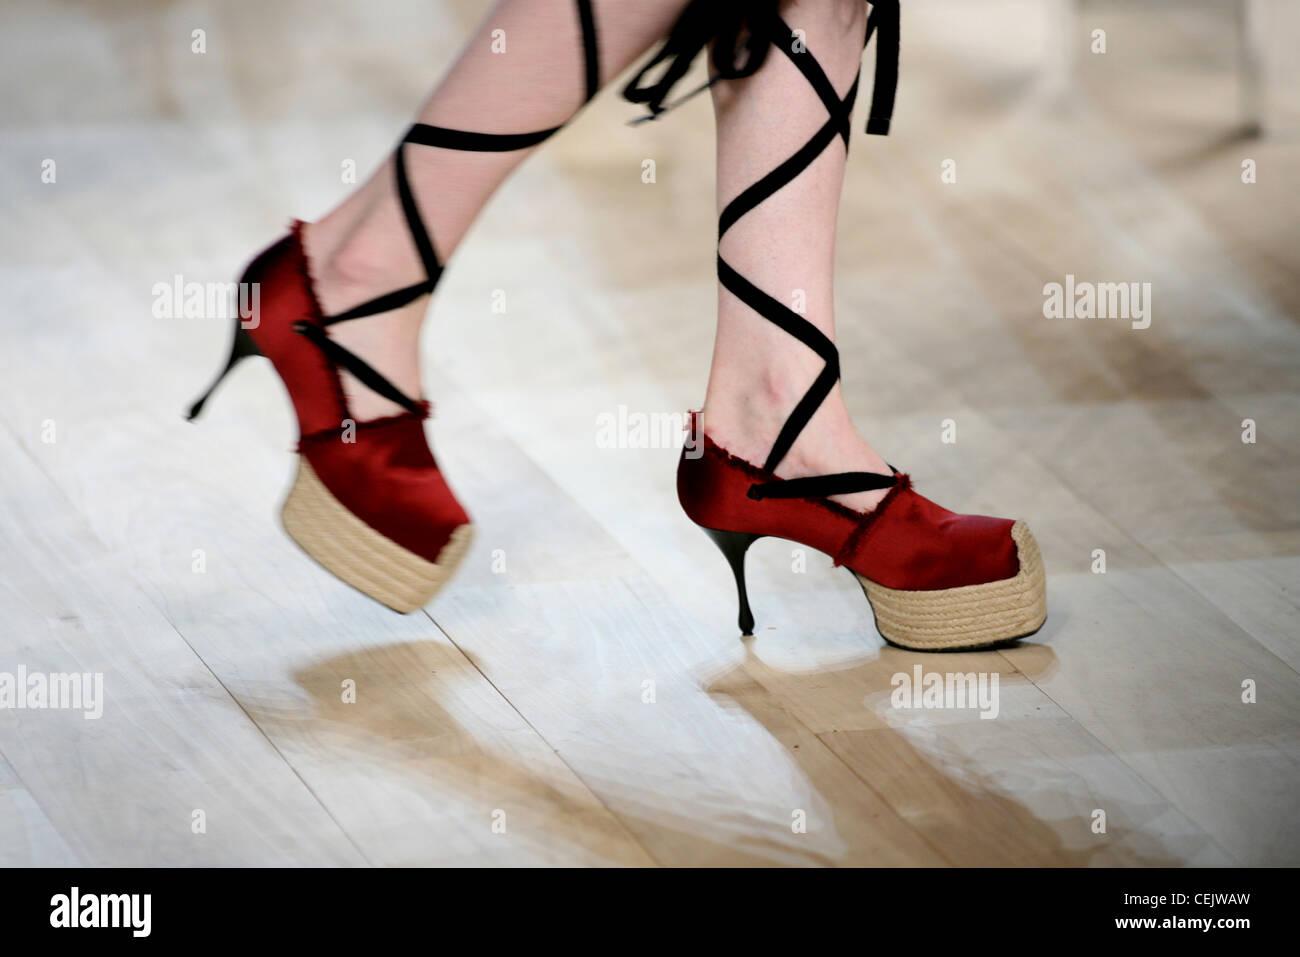 c3722fa11d9d Modell trägt einen roten Stiletto-Plateau-Schuhe mit schwarzer Spitze,  detail Stockbild